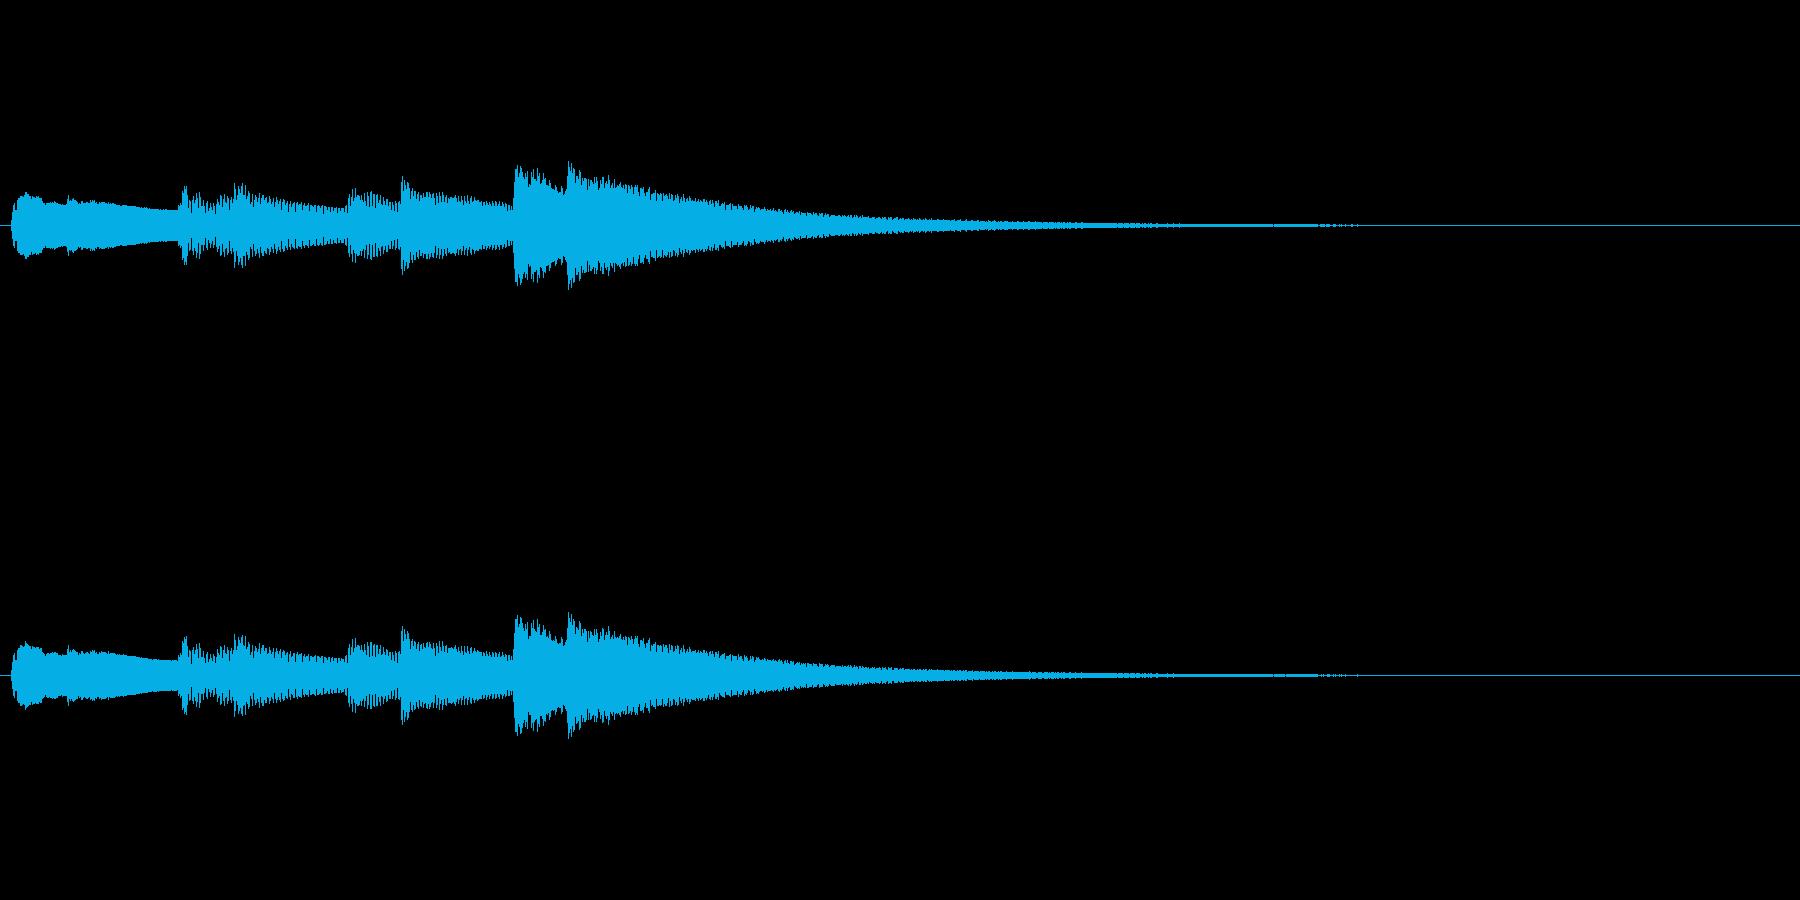 【キラキラキラキラーン】チェレスタ上昇音の再生済みの波形